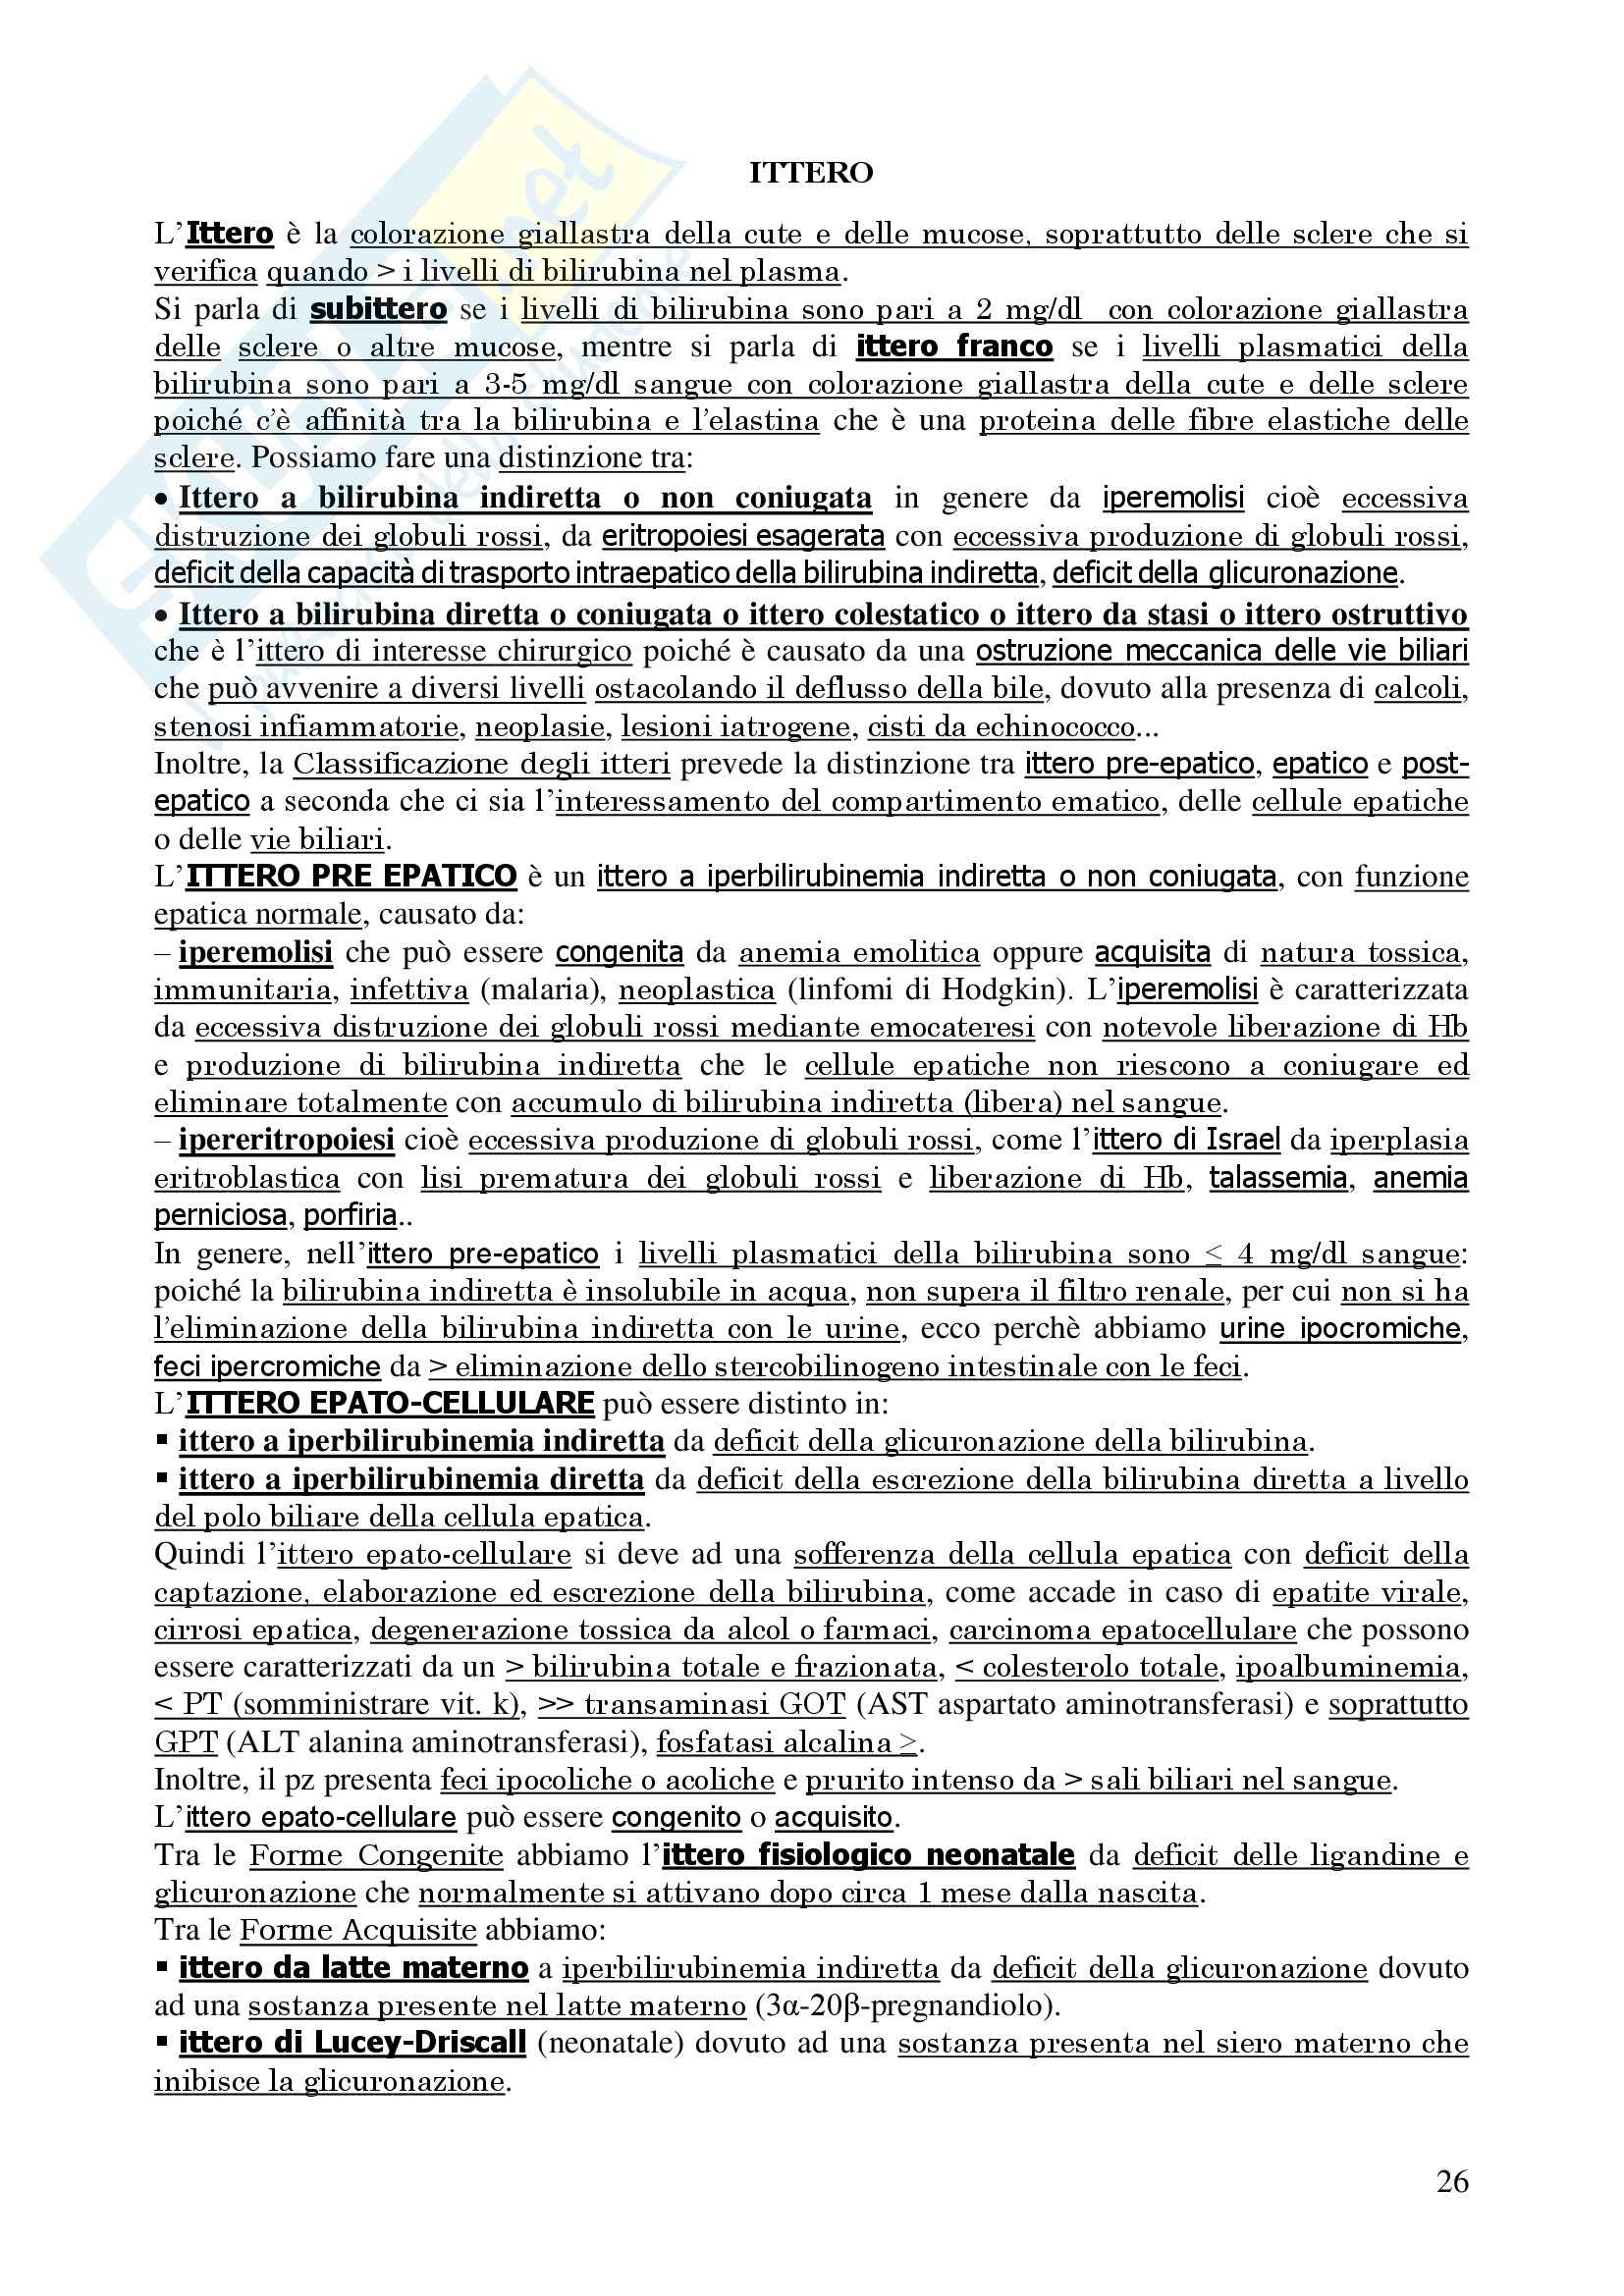 Chirurgia - chirurgia generale - Appunti Pag. 26